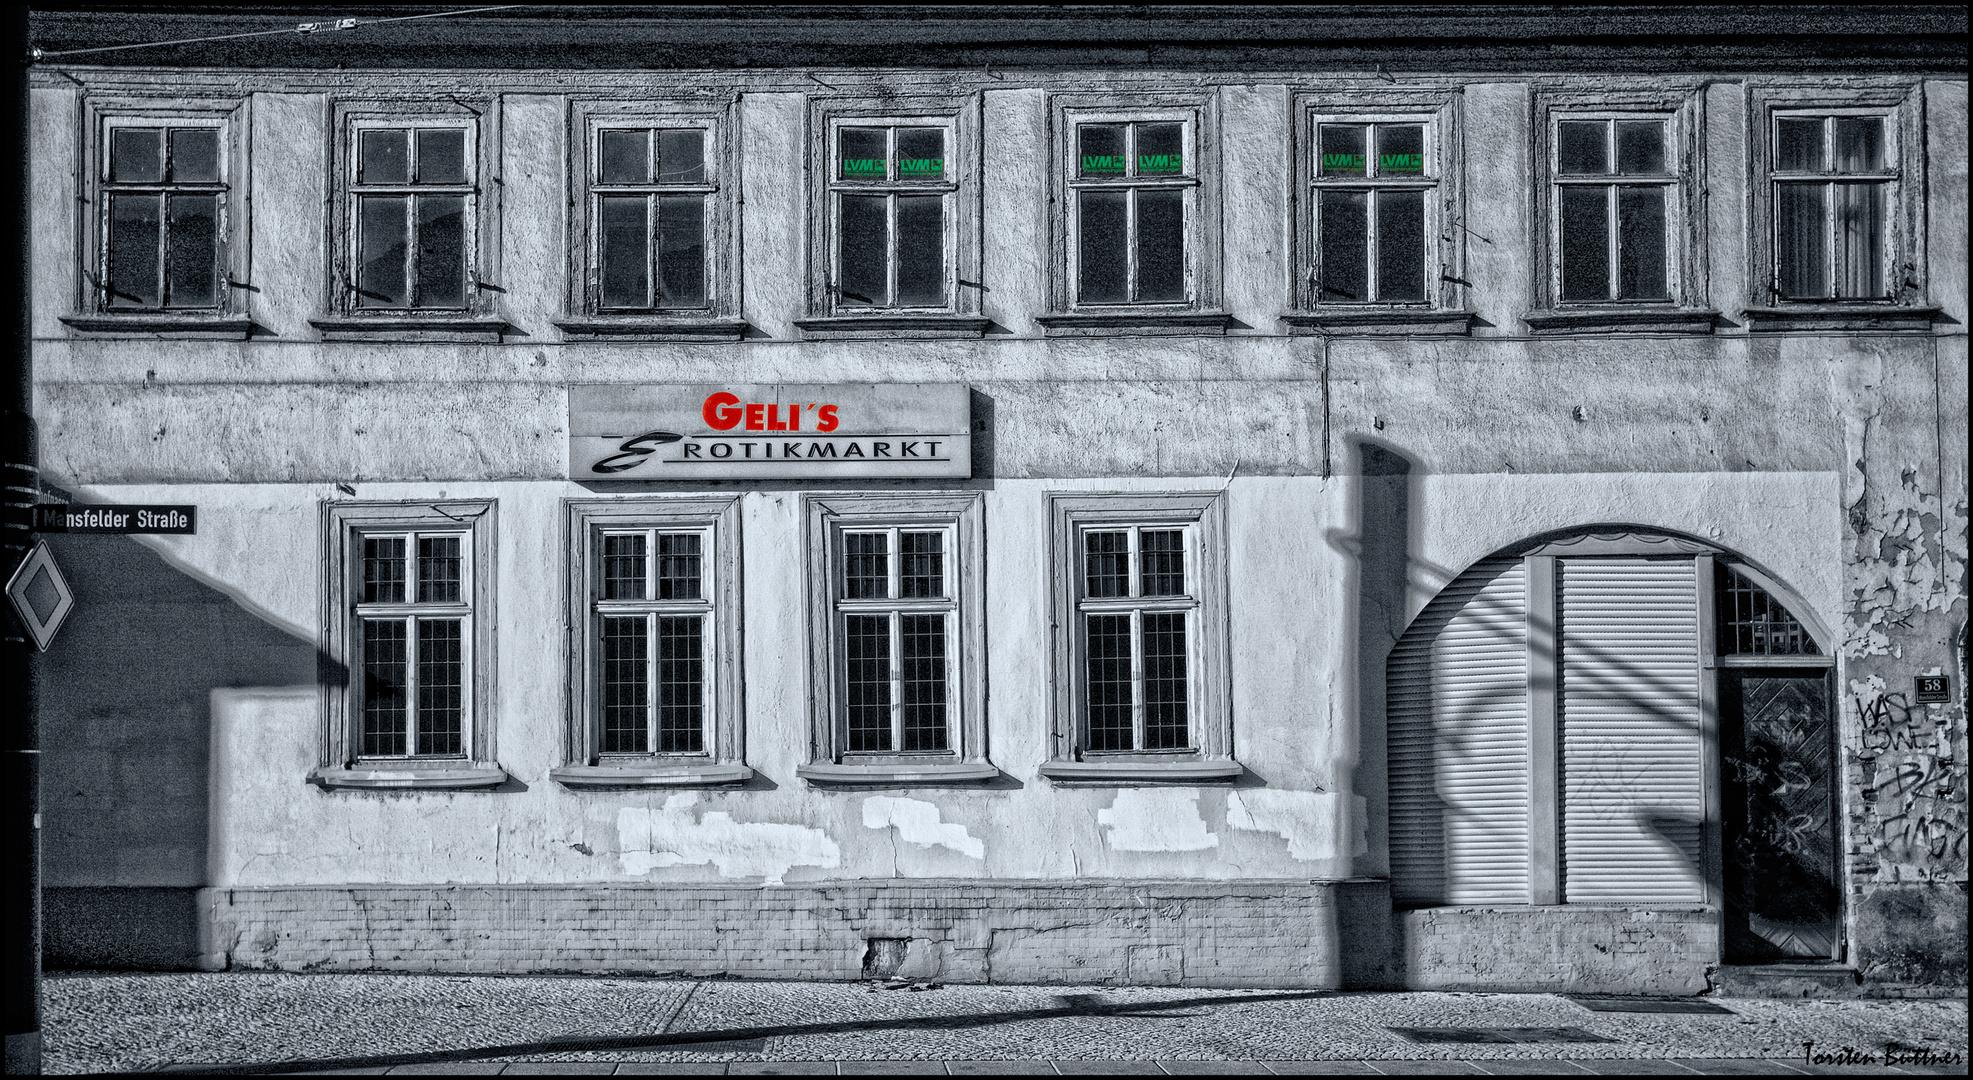 Weltstadtflair